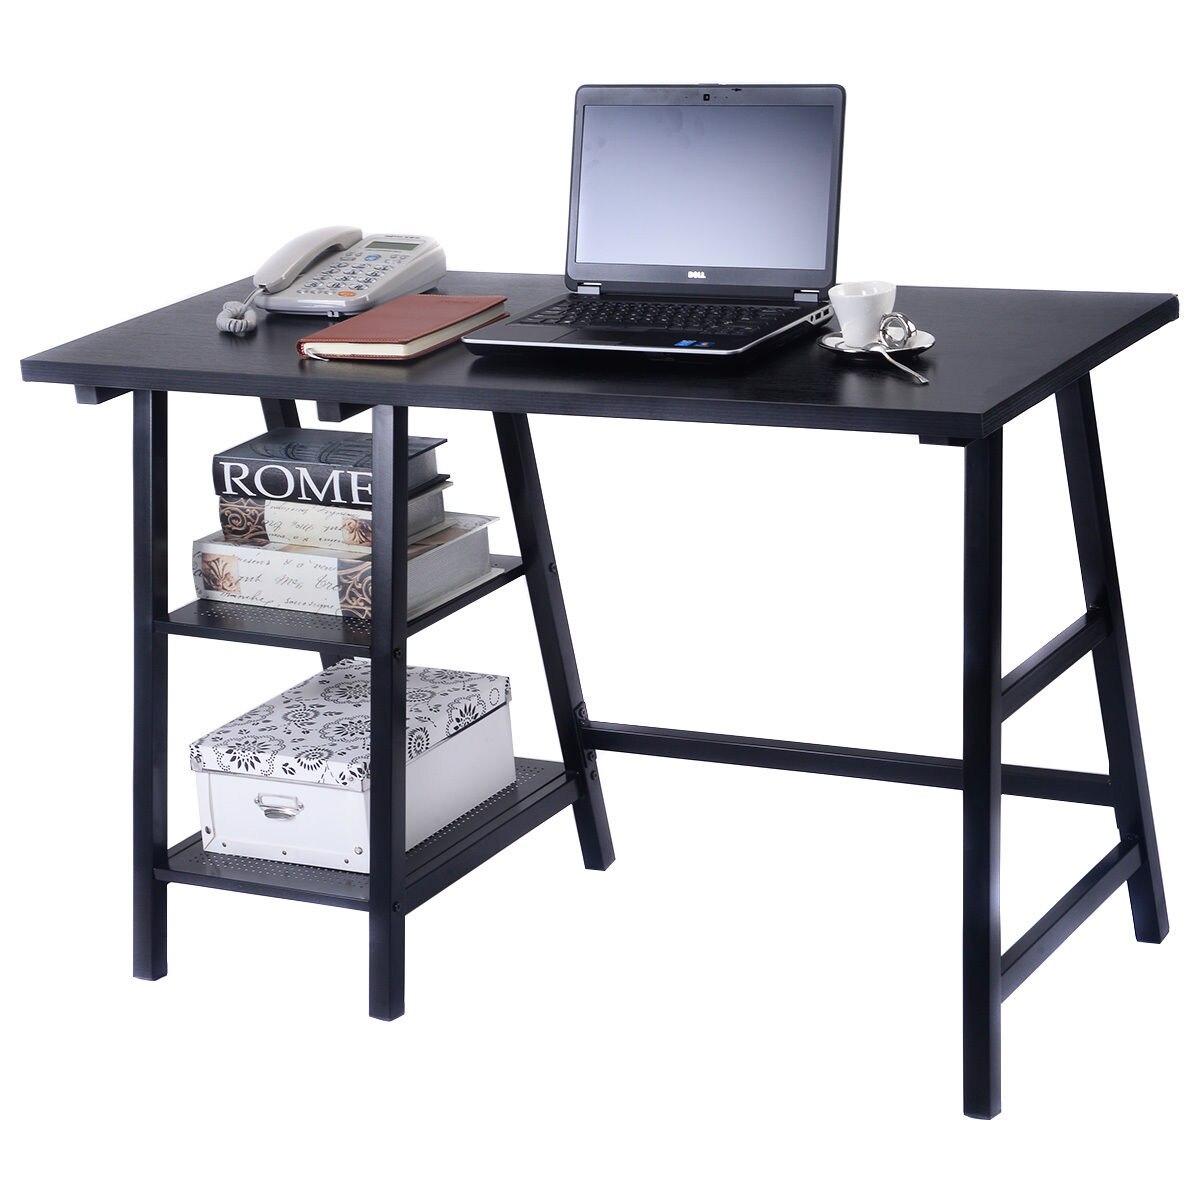 Giantex moderne tréteau bureau bois ordinateur portable Table d'écriture avec étagères de rangement maison bureau meubles ordinateur bureau HW51778BK